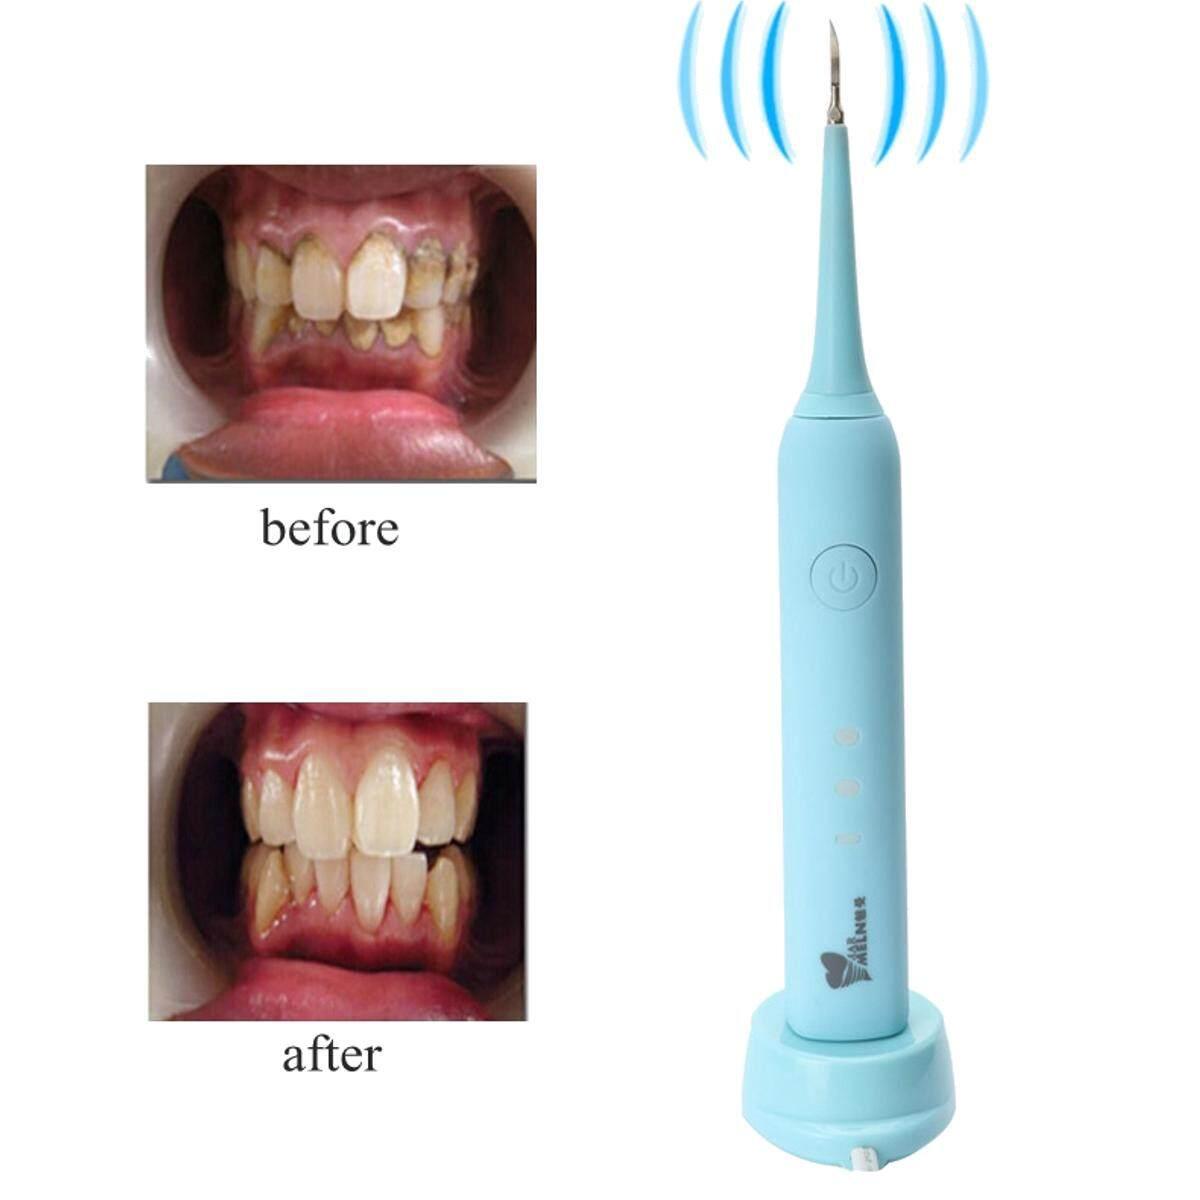 แปรงสีฟันไฟฟ้า ช่วยดูแลสุขภาพช่องปาก สมุทรสงคราม 【การจัดส่ง   Super DEAL   จำกัด Offer】Meiman M3 ฟันแคลคูลัส removal อุปกรณ์ฟันฟันเครื่องมือสำหรับคราบสกปรกครัวเรือน EU สีฟ้า สีชมพู